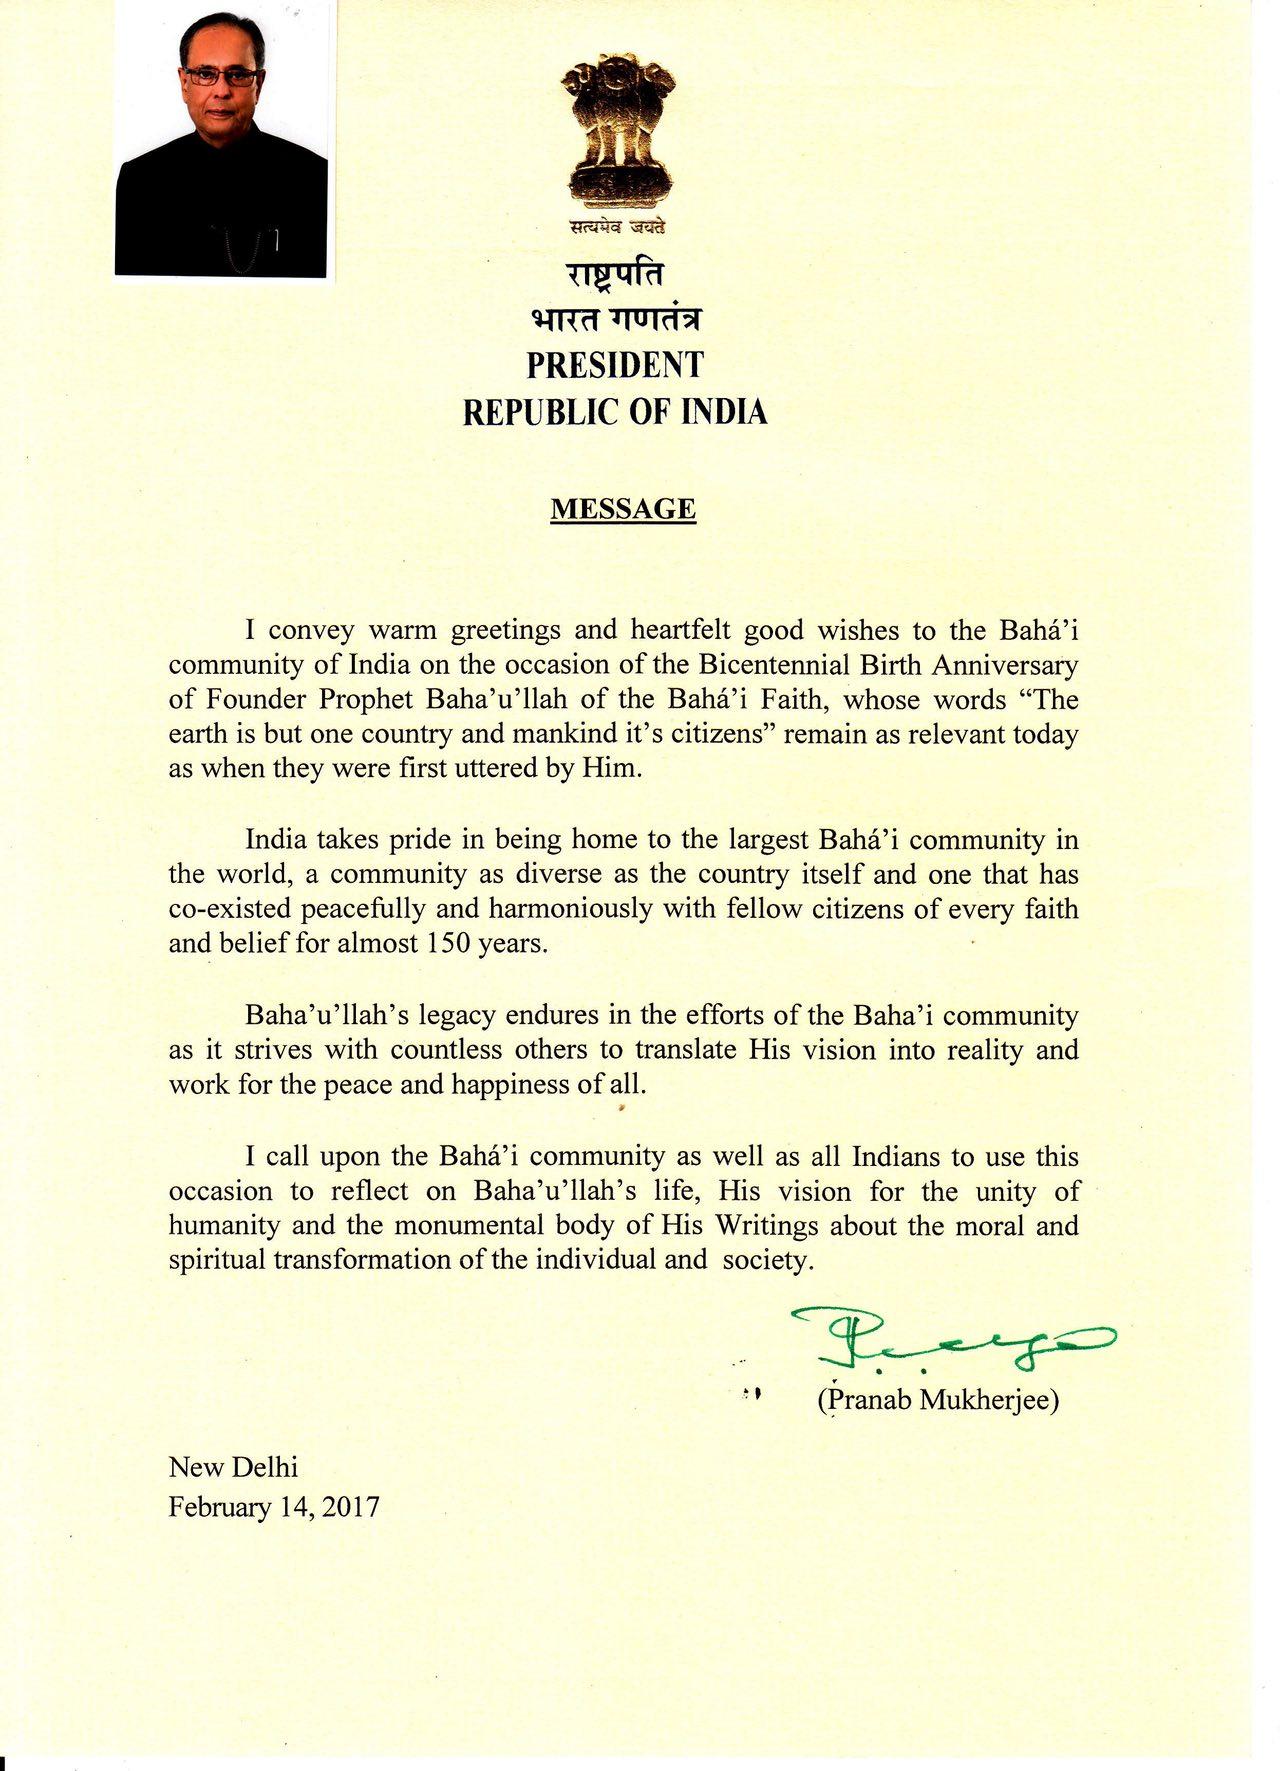 India elnöke, Őexcellenciája Pranab Mukherjee üzenete az indiai bahá'í közösségnek Bahá'u'lláh születésének kétszázadik évfordulóján © Bahá'í Nemzetközi Hírszolgálat news.bahai.org